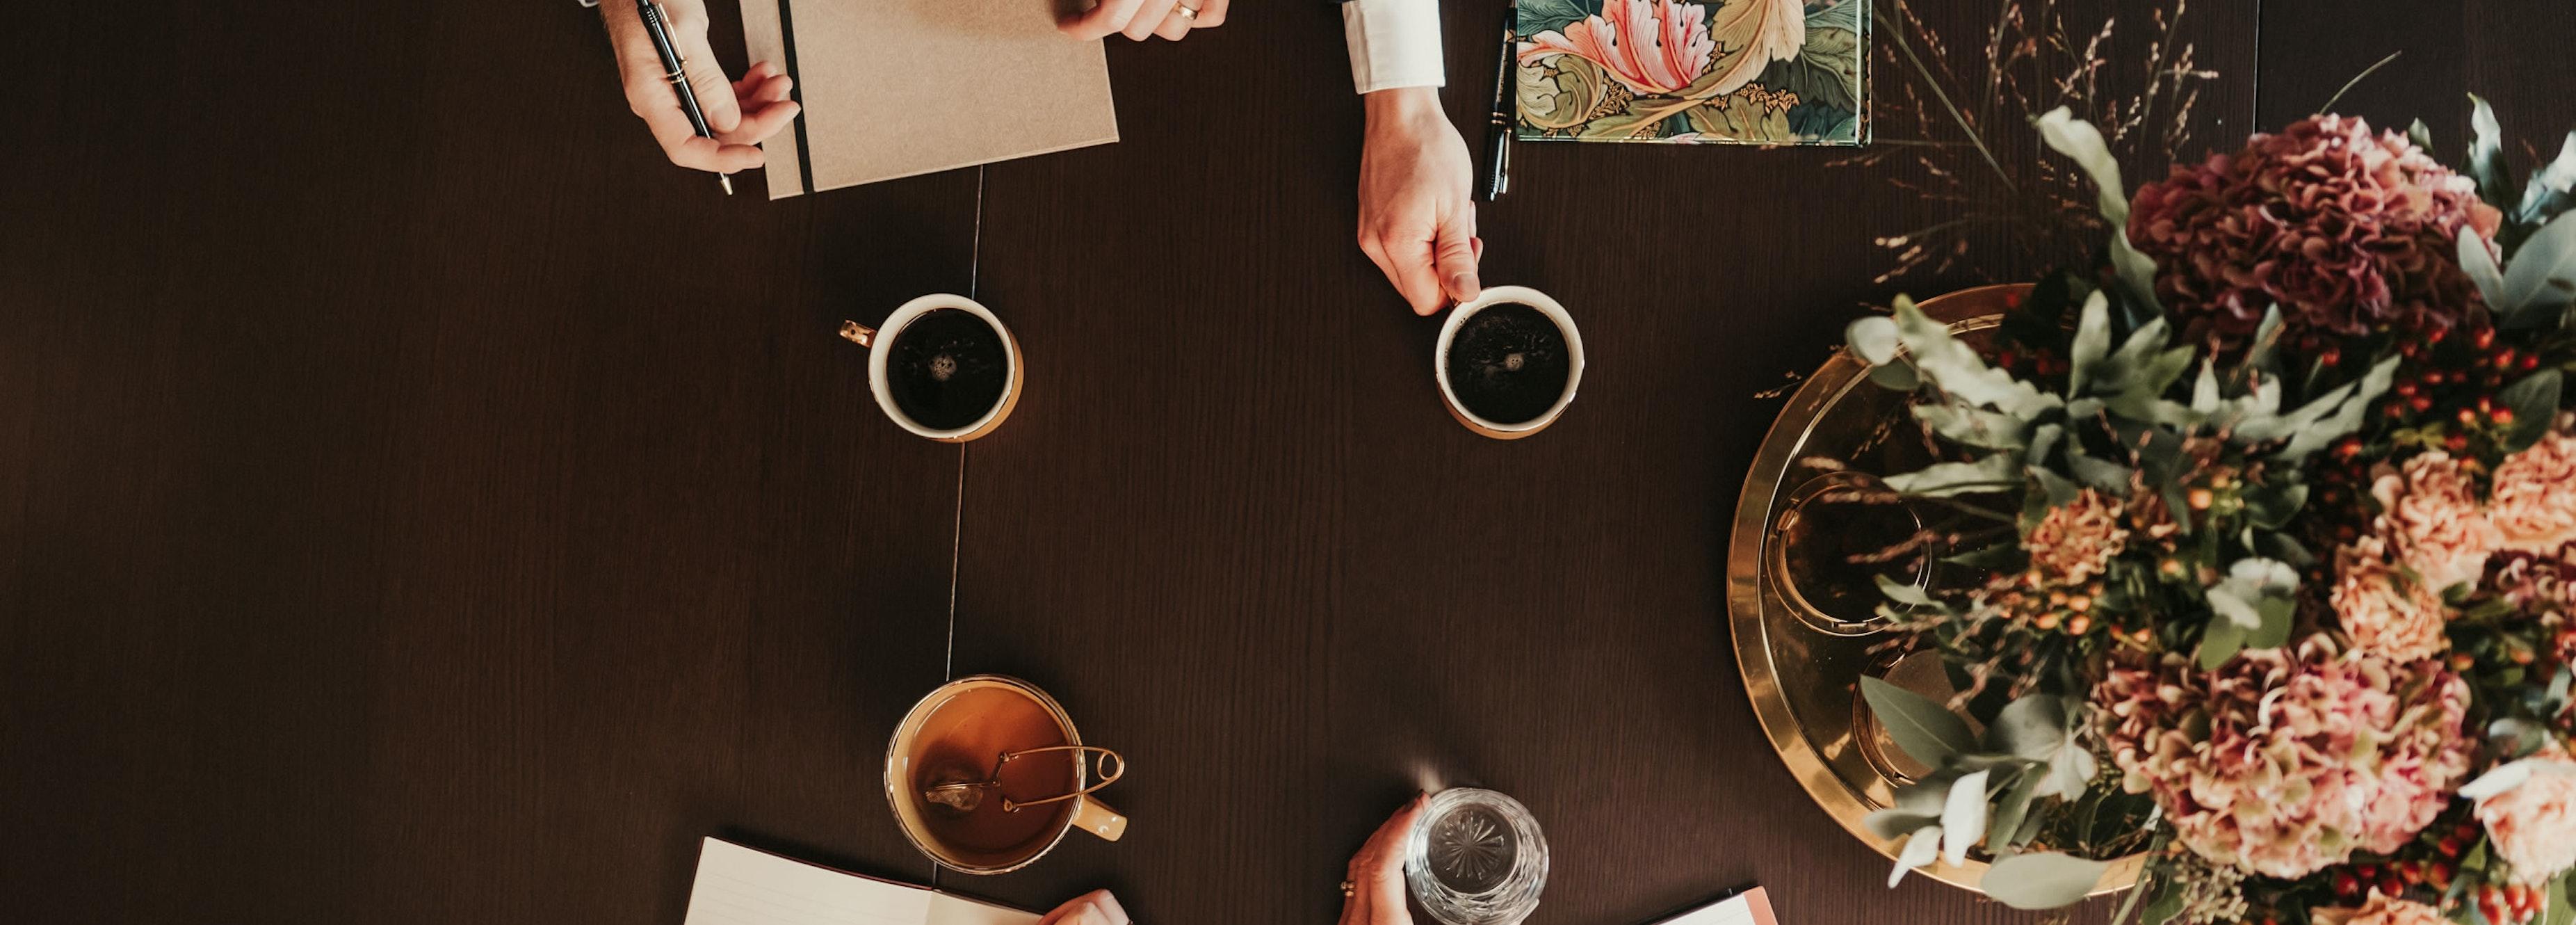 Startsidan - Kaffemöte